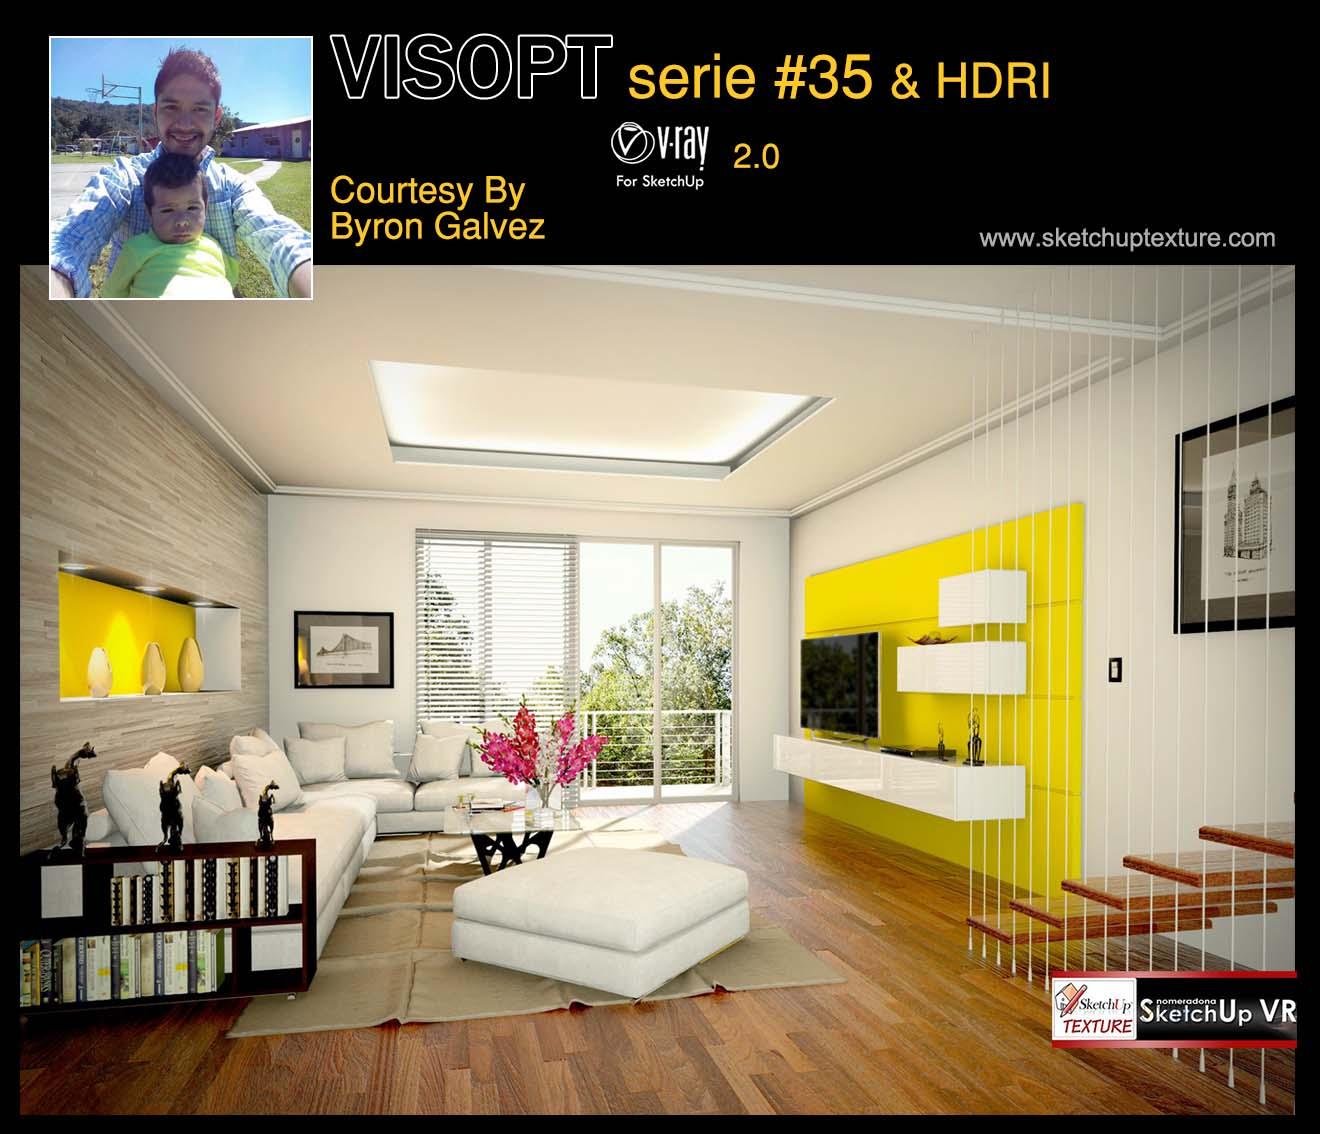 visopt vray sketchup interior free download